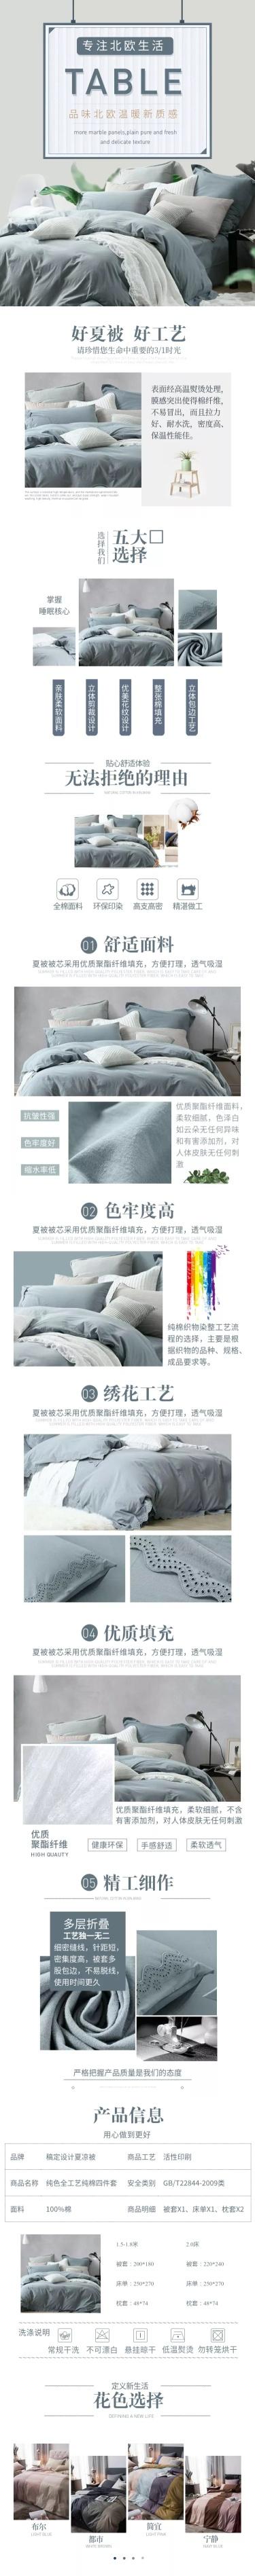 日用百货/床上用品/床具/床单被子/简约/详情页